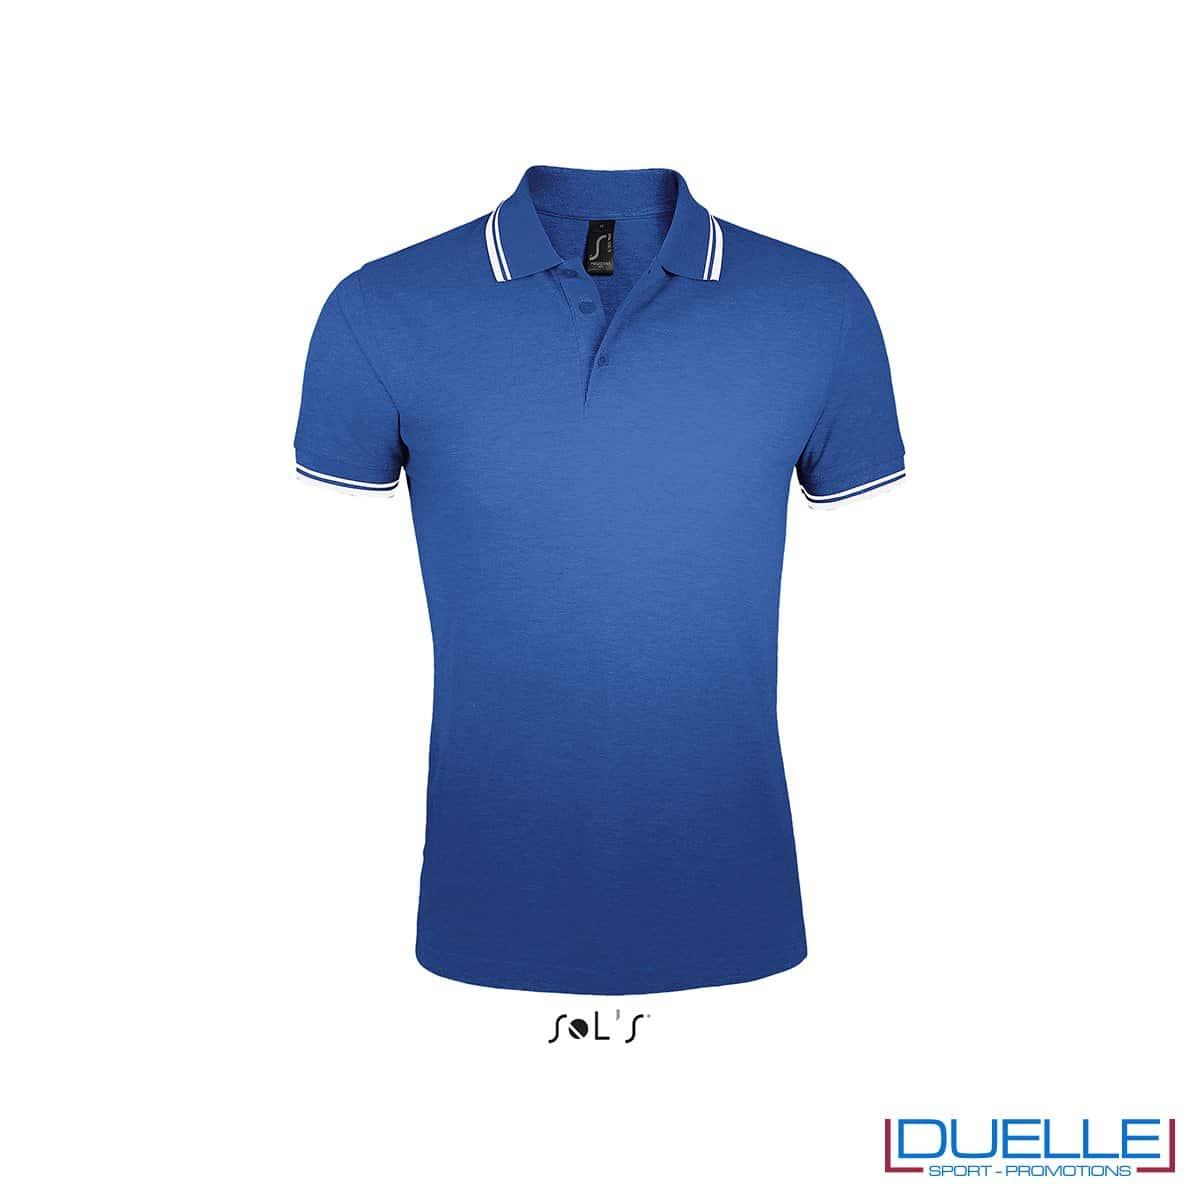 polo personalizzata blu royal con profili a contrasto bianchi, polo personalizzate